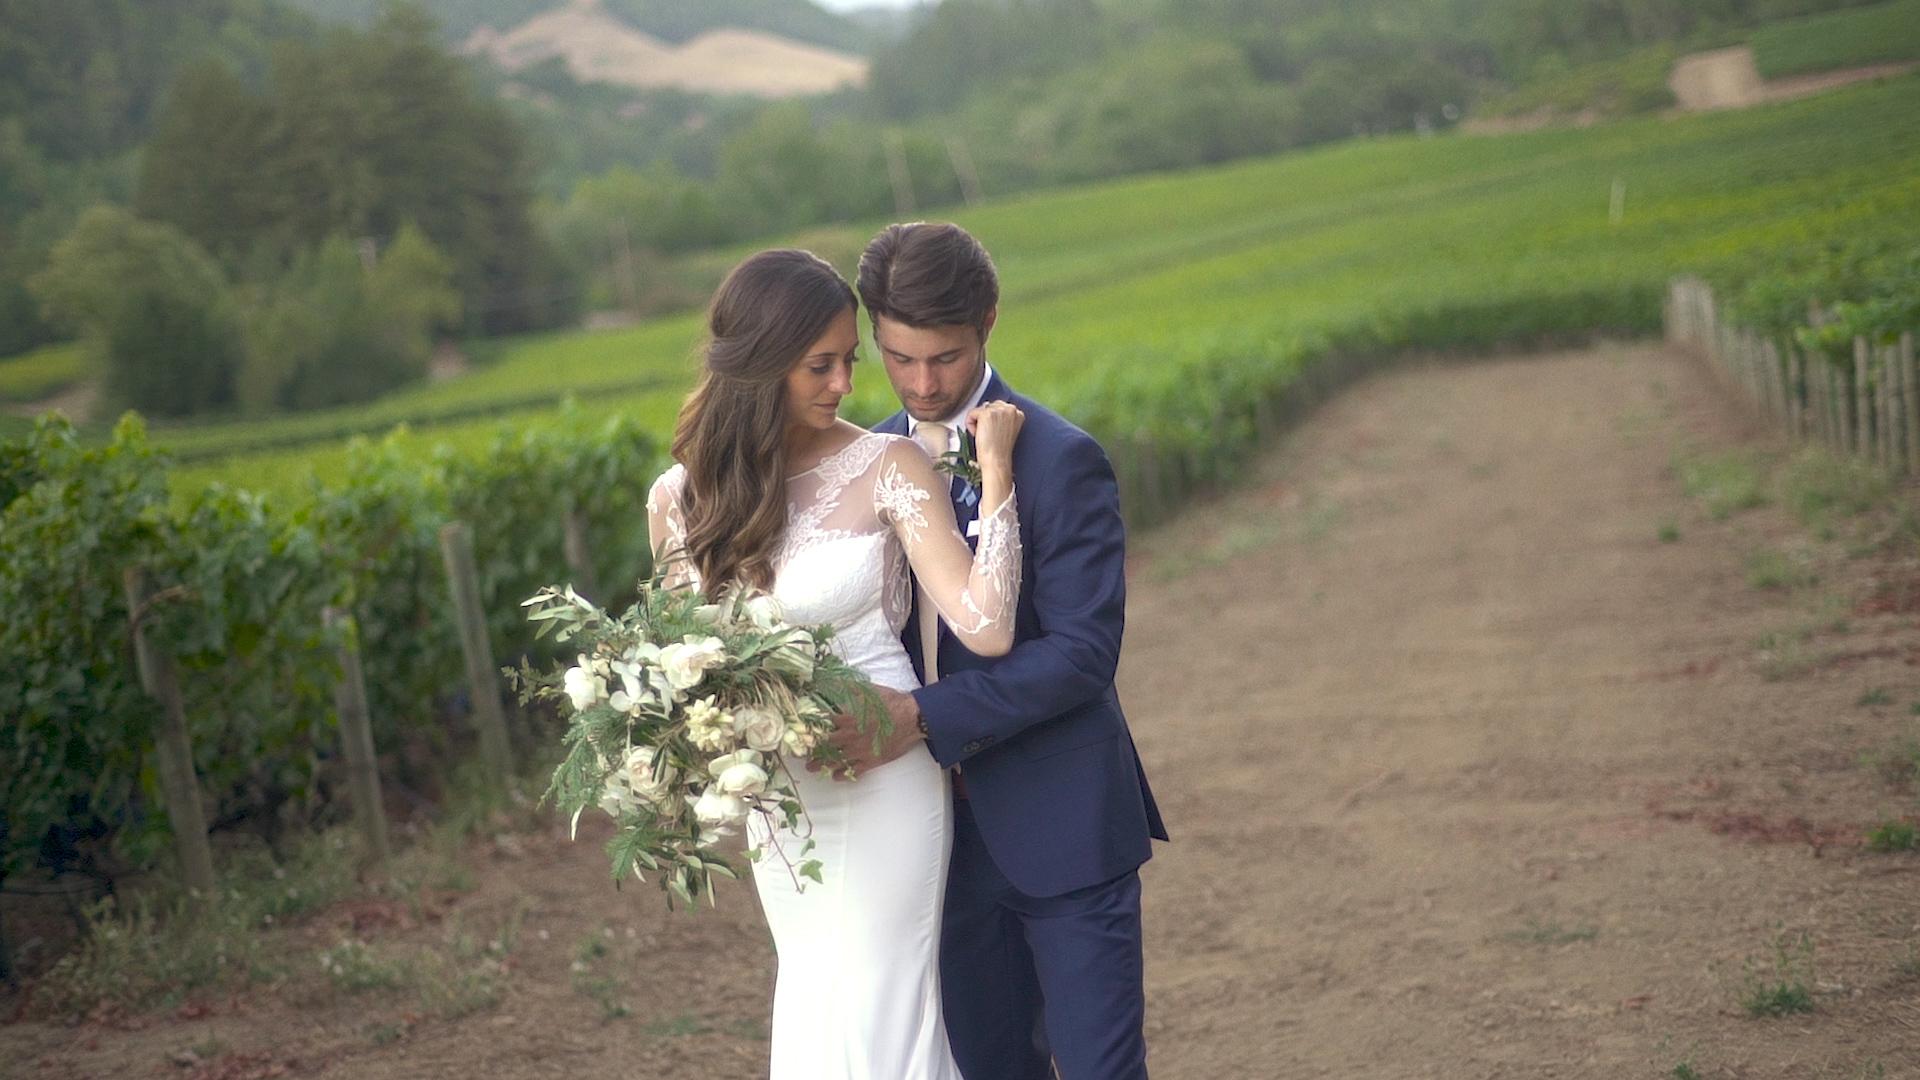 DARLING_WEDDING_v4.0 .00_02_14_11.Still024.jpg